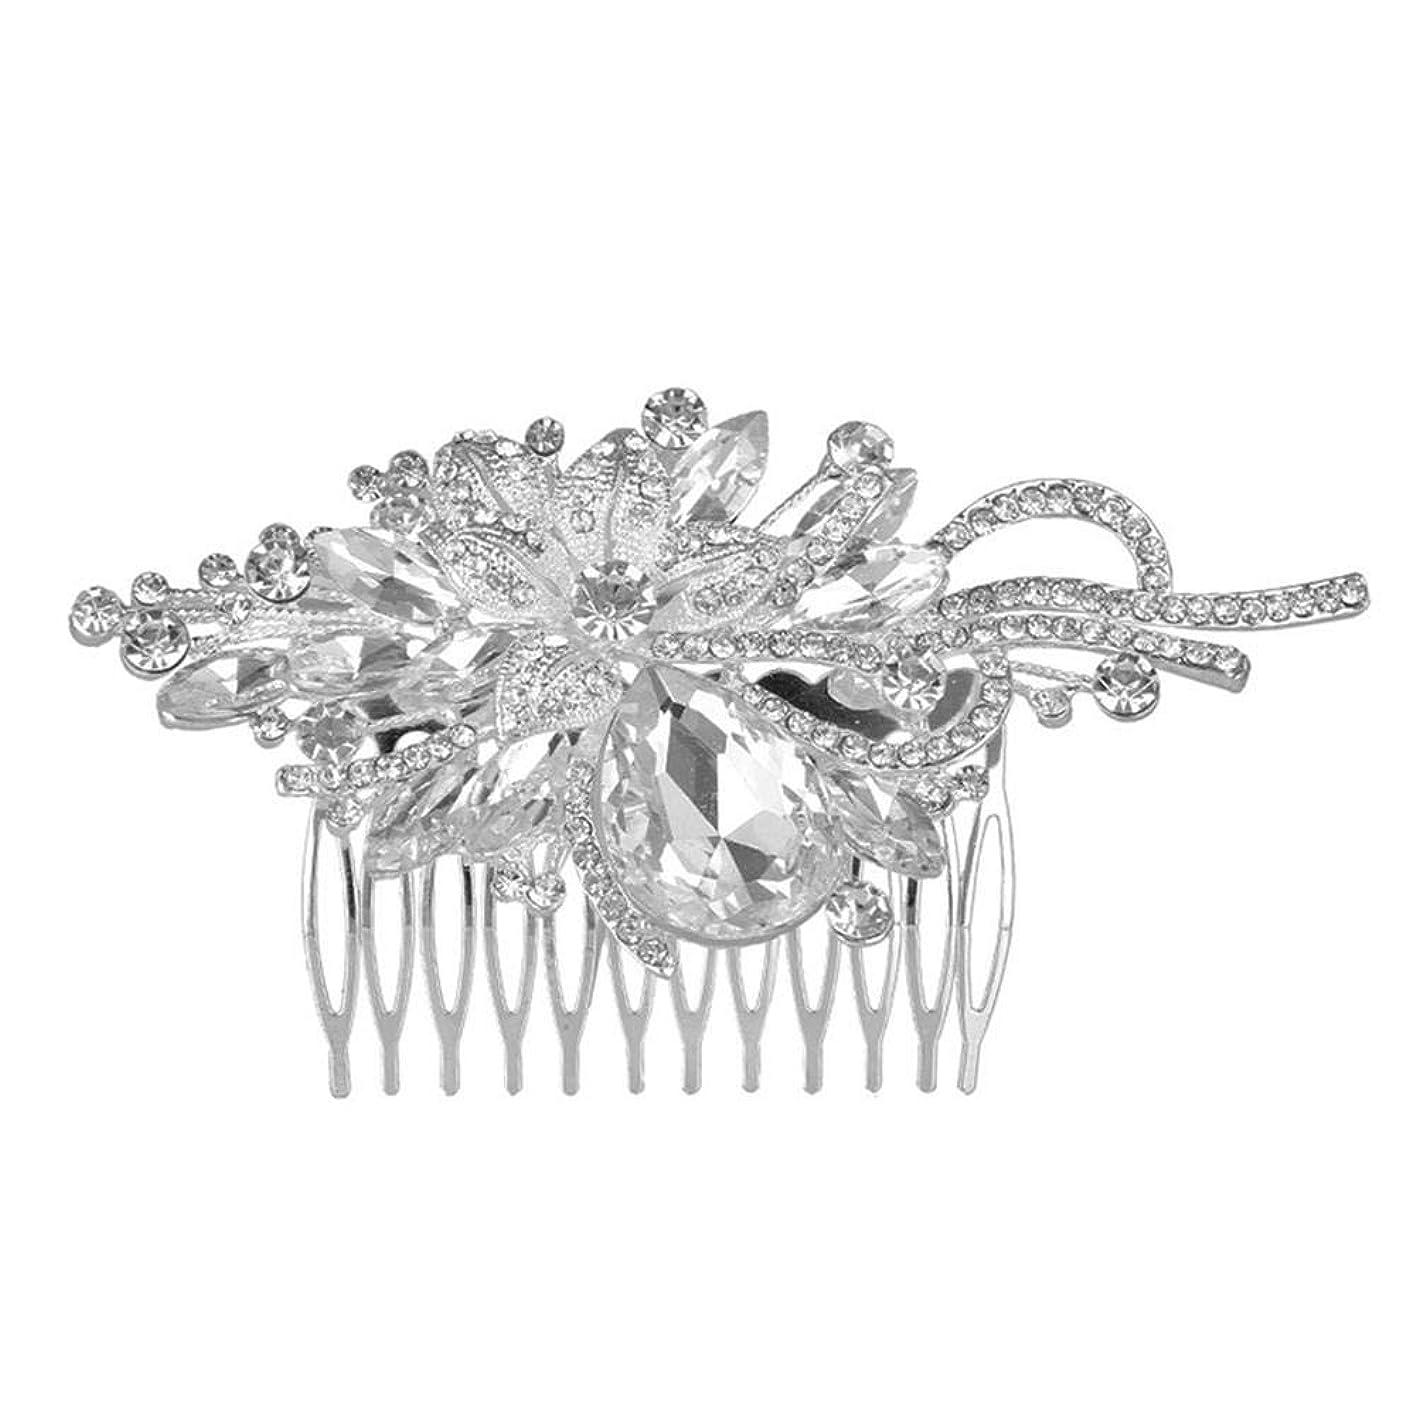 実装する器官見落とす髪の櫛挿入櫛花嫁の髪櫛クラウン髪の櫛結婚式のアクセサリー葉の髪の櫛ラインストーンの髪の櫛ブライダルヘッドドレス